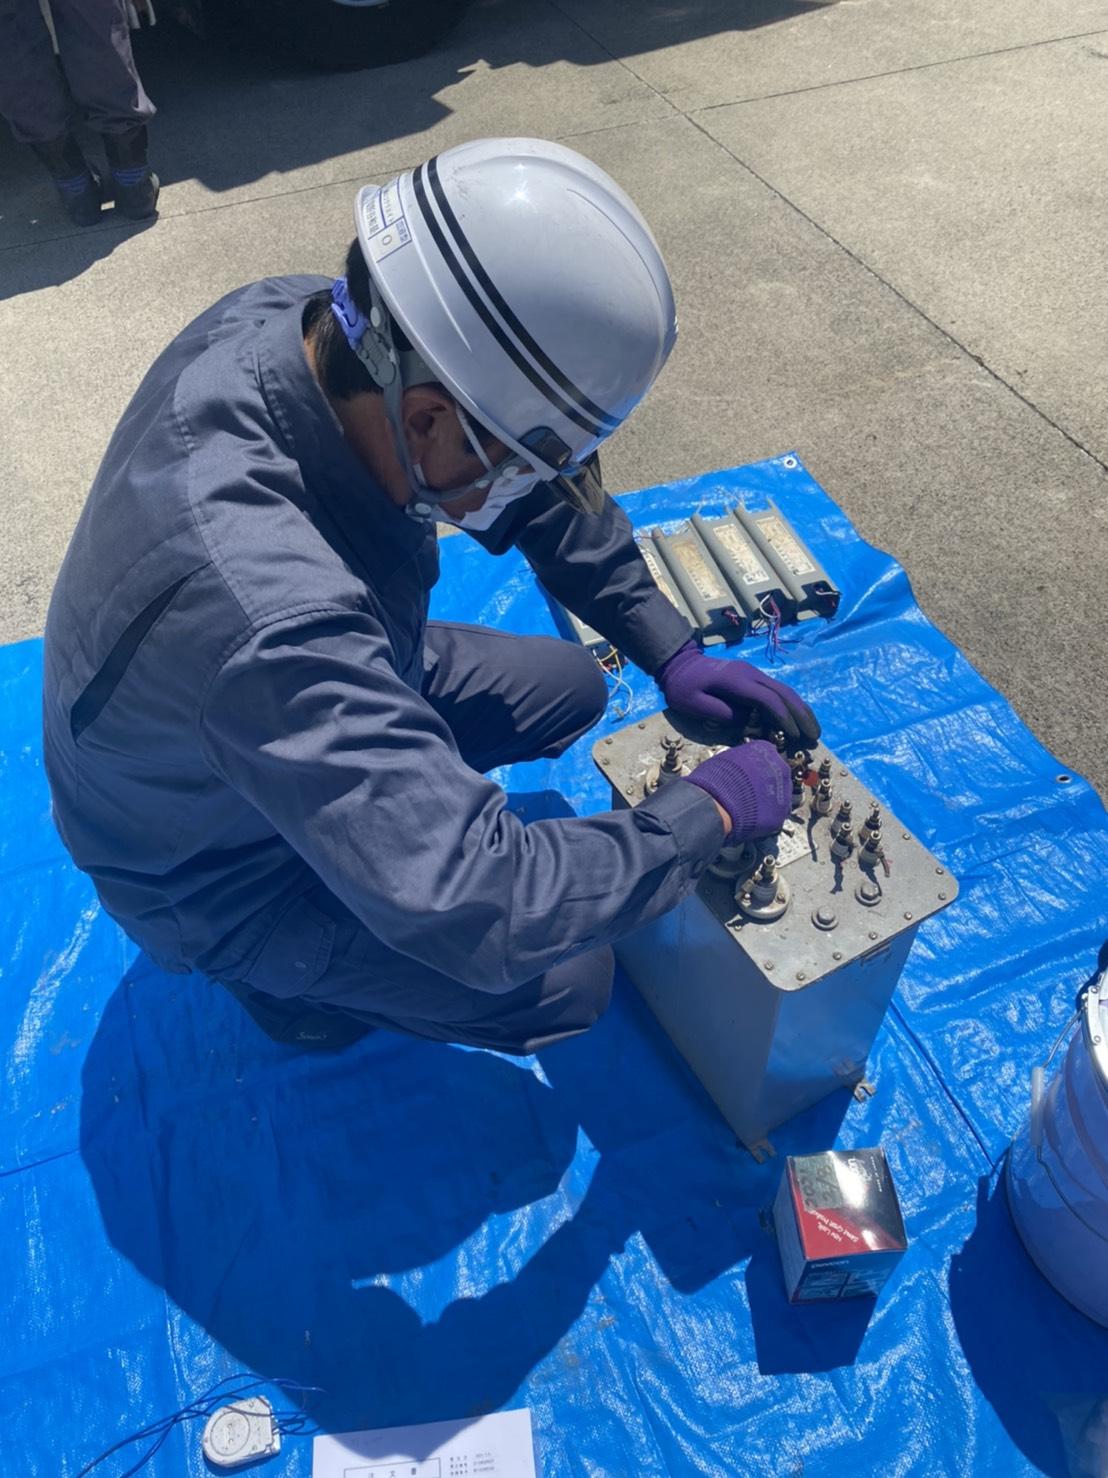 【産業廃棄物の処理】PCB廃棄物の処理前濃度分析と処理事例を紹介します。